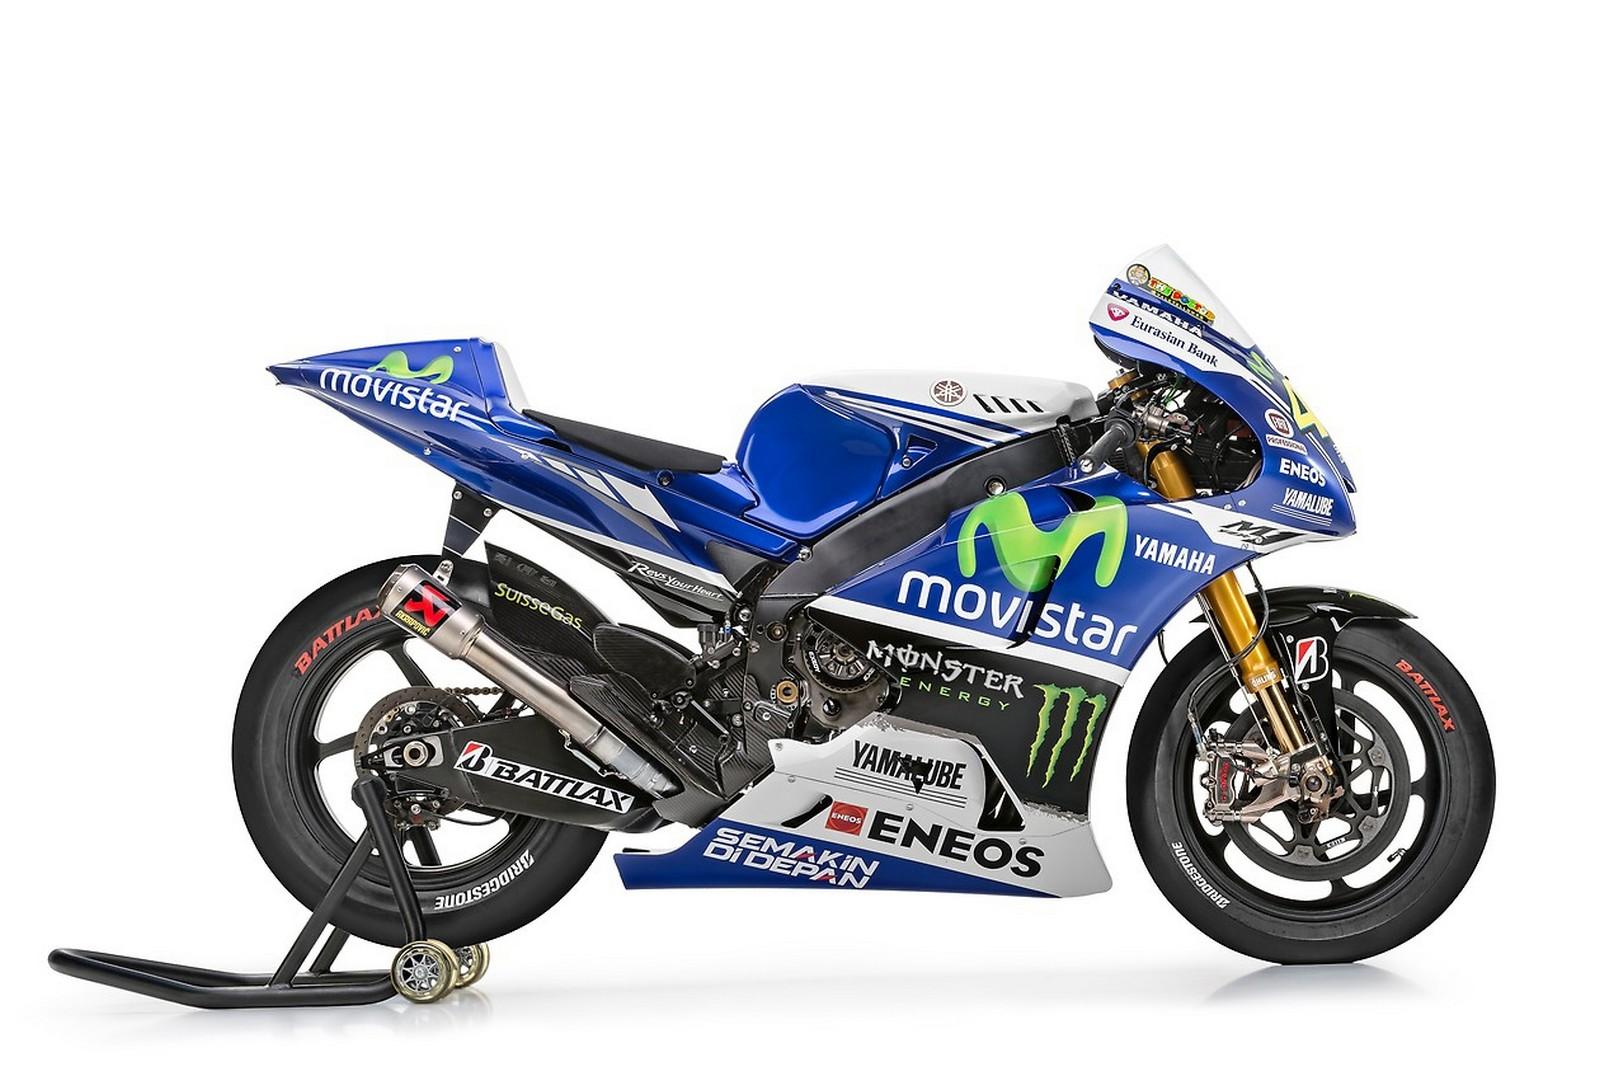 Yamaha Movistar 2014 - Foto 23/48